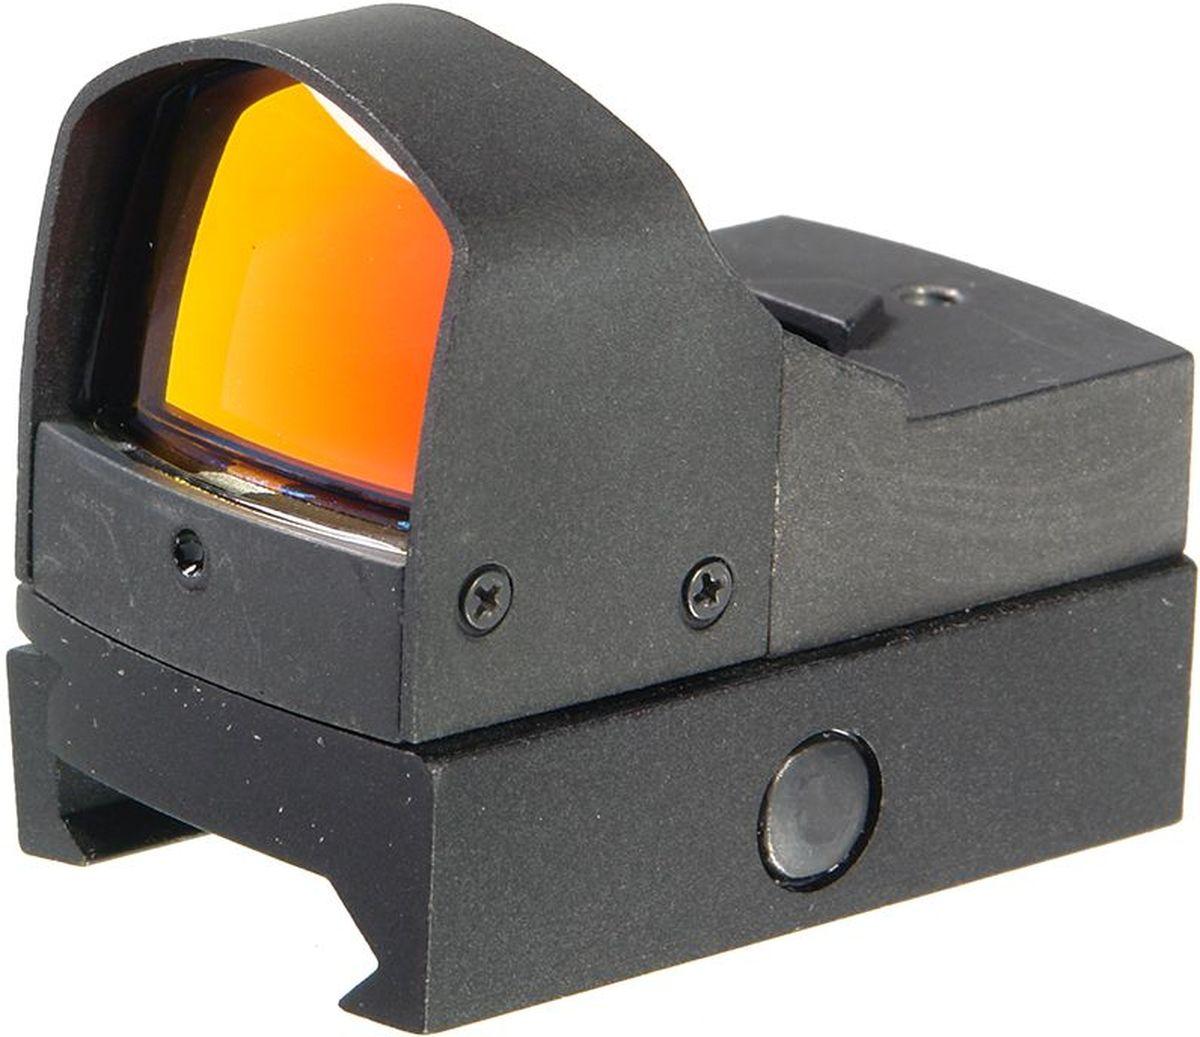 Прицел коллиматорный Veber, RM123 Weaver23002Коллиматорный прицел открытого типа, устанавливается на планку Weaver, размер окошка 23x17 мм, прицельная марка - красная точка. Усиленная конструкция основания прицела. ОПИСАНИЕСерия Veber RM123, является модернизированной версией коллиматорного прицела Veber R123. Изменена конструкция основания прицела, что позволило значительно увеличить срок службы и надежность работы изделия при длительной эксплуатации на оружии большой мощности. Помимо появления модификации на планку «ласточкин хвост», увеличилась длина поджимной планки до 46 мм в версии на Weaver и до 15 мм в DVT. Исключены любые смещения при мощной отдаче, обеспечена высокая стабильность положения прицельной метки.Самый маленький, но серьезный коллиматорный прицелVeber RM123. Корпус — анодированный матовый алюминий марки 6061-Т6.Светящаяся точка — 6 угловых минут, зона, покрываемая точкой, — 8 см на 50 м. Благодаря увеличению 1х (точнее 1,07х), прицел обладает большим полем зрения, а асферическая оптика не искажает видимую картинку.Прицел оборудован световым датчиком, и комплектуется защитным колпачком. Включение прицела происходит автоматически при снятии колпачка. Для точной регулировки положения прицельной марки по высоте и по горизонту в комплект входят шестигранный ключ и отвертка. Как производить эту процедуру, подробно описано в инструкции.Базовое крепление — на планку Weaver. Через специальный переходник прицел можно без опаски устанавливать и на вентилируемую планку оружия.Прицел не боится влаги и сохраняет работоспособность при попадании воды в корпус, но не является влагонепроницаемым. Использование устройства в условиях повышенной влажности может привести просто к ускоренному разряду батареи.Комплектация Прицел Veber RM123 Защитный колпачок Ключ шестигранник Отвертка Батарейка CR 2032 Салфетка из микрофибры для протирки оптики Гарантийный талон Инструкция на русском языкеТехнические характеристикиУвеличение, крат 1,07Размер линзы, мм 23х17Дульная энерг